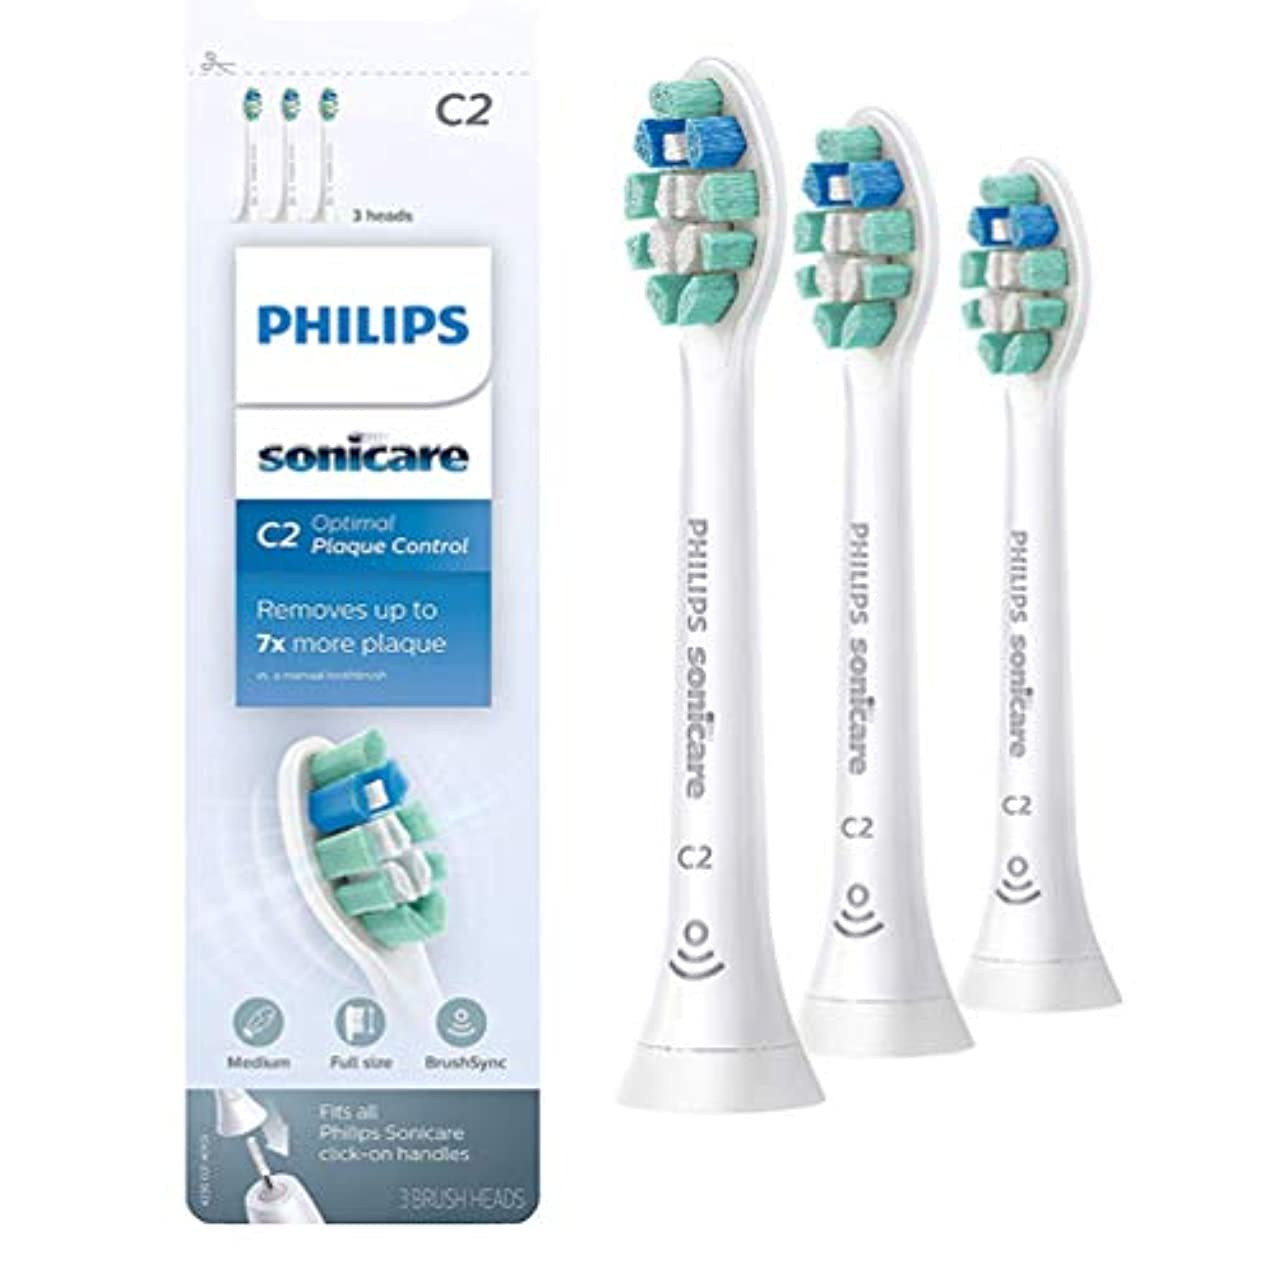 支払う記憶に残る動く(正規品)Philips Sonicareソニッケアークリーンプラス (旧プラークディフェンス)電動歯ブラシHX9023 3本組